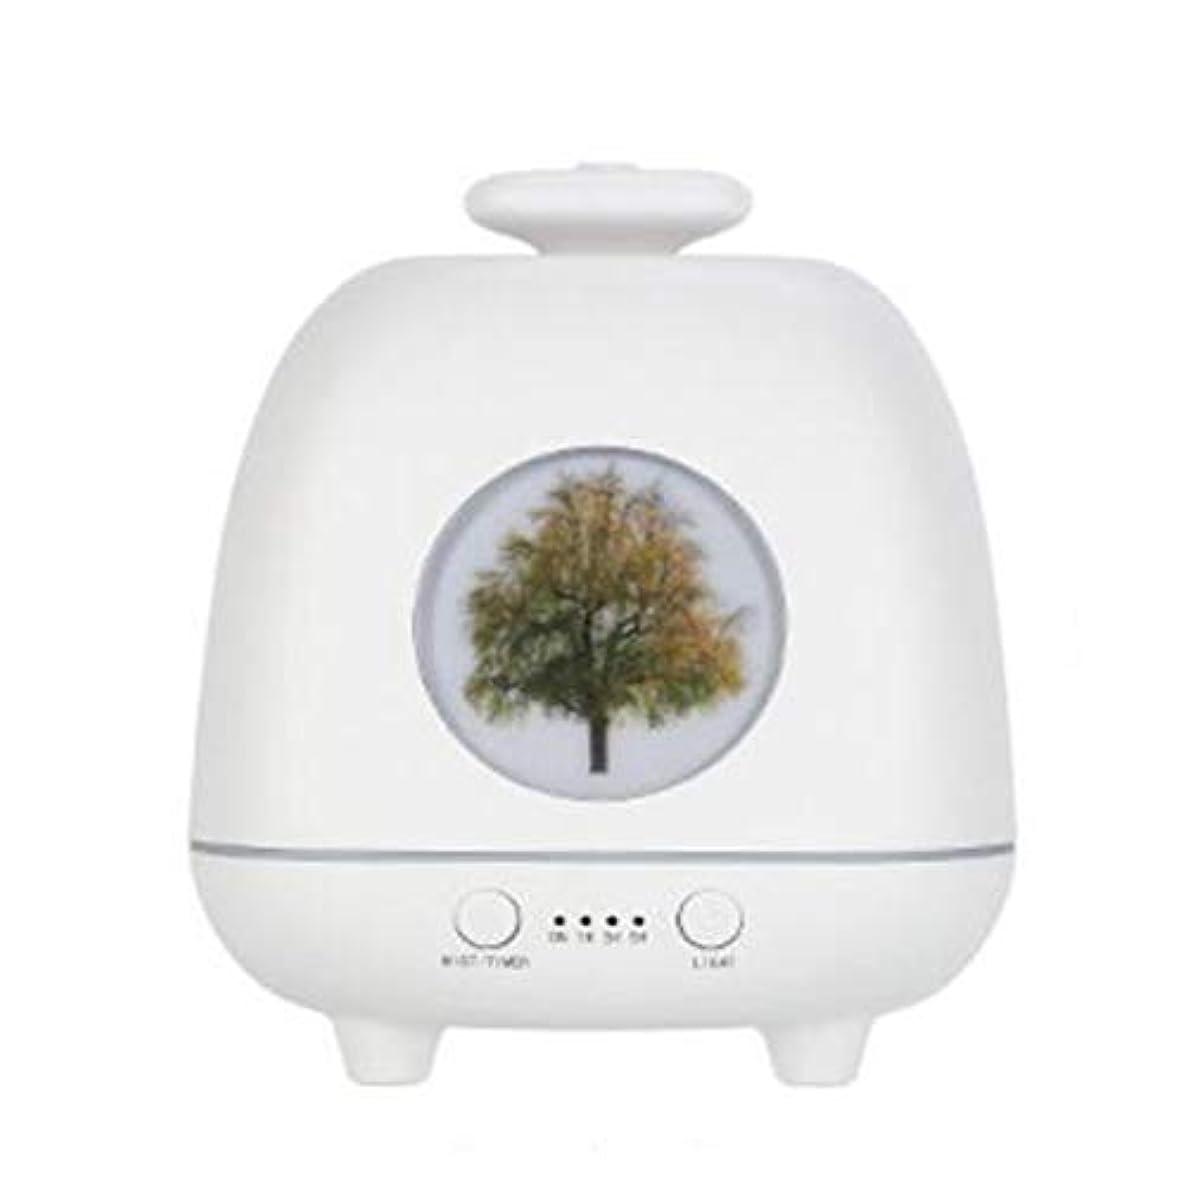 正当なシールド感情涼しい霧 香り 精油 ディフューザー,7 色 空気を浄化 4穴ノズル 加湿器 時間 加湿機 ホーム Yoga デスク オフィス ベッド- 230ml